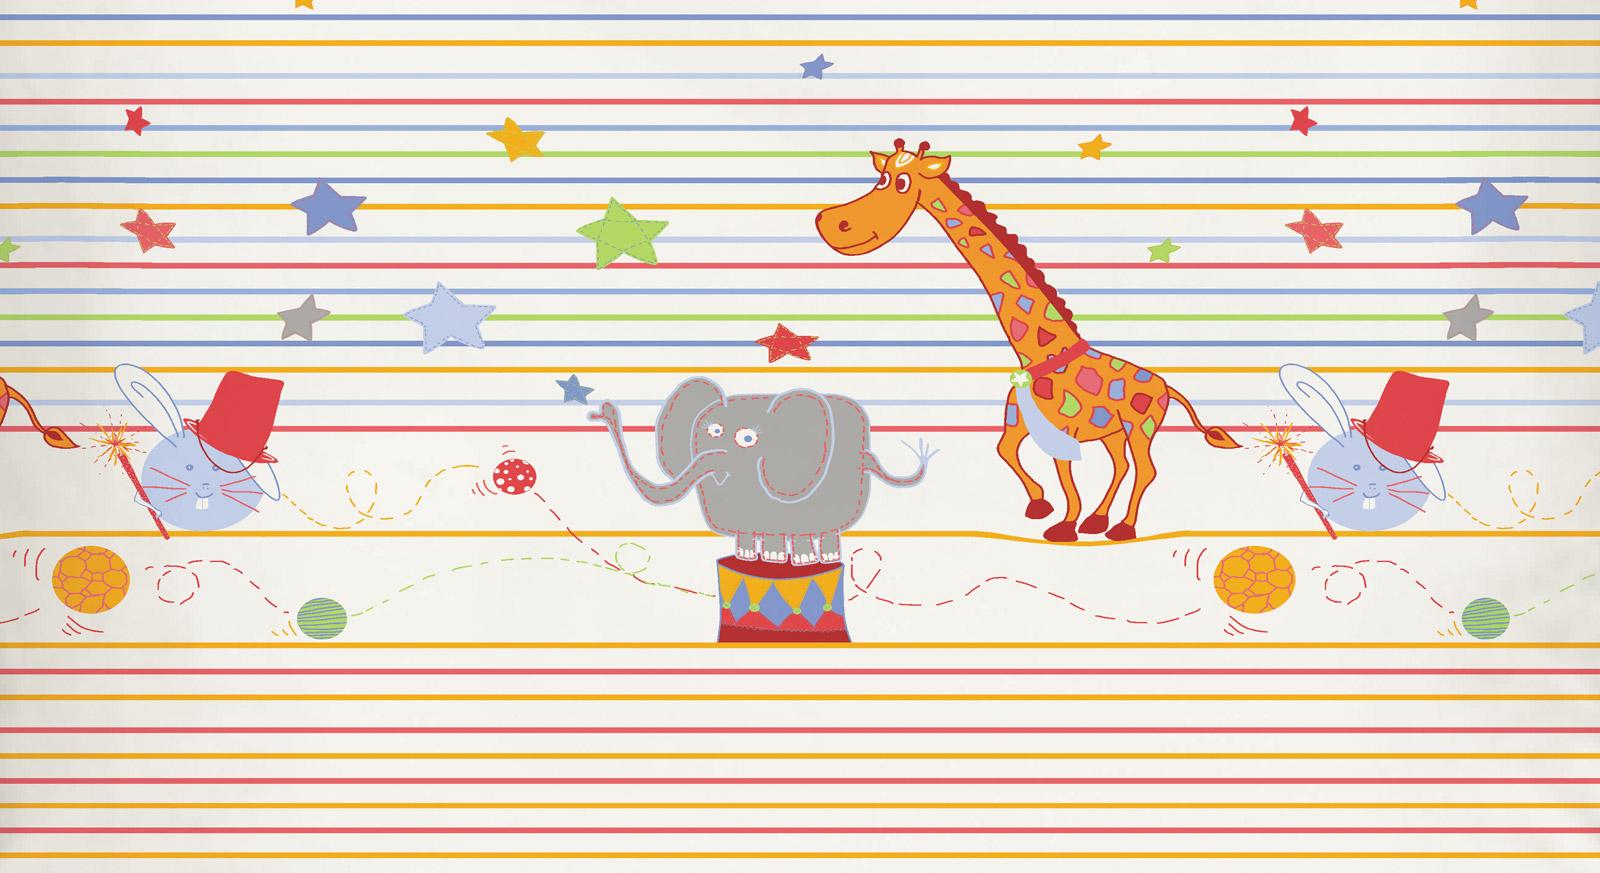 Tolle Qualitäts Kinderbettwäsche im Zirkus Design!